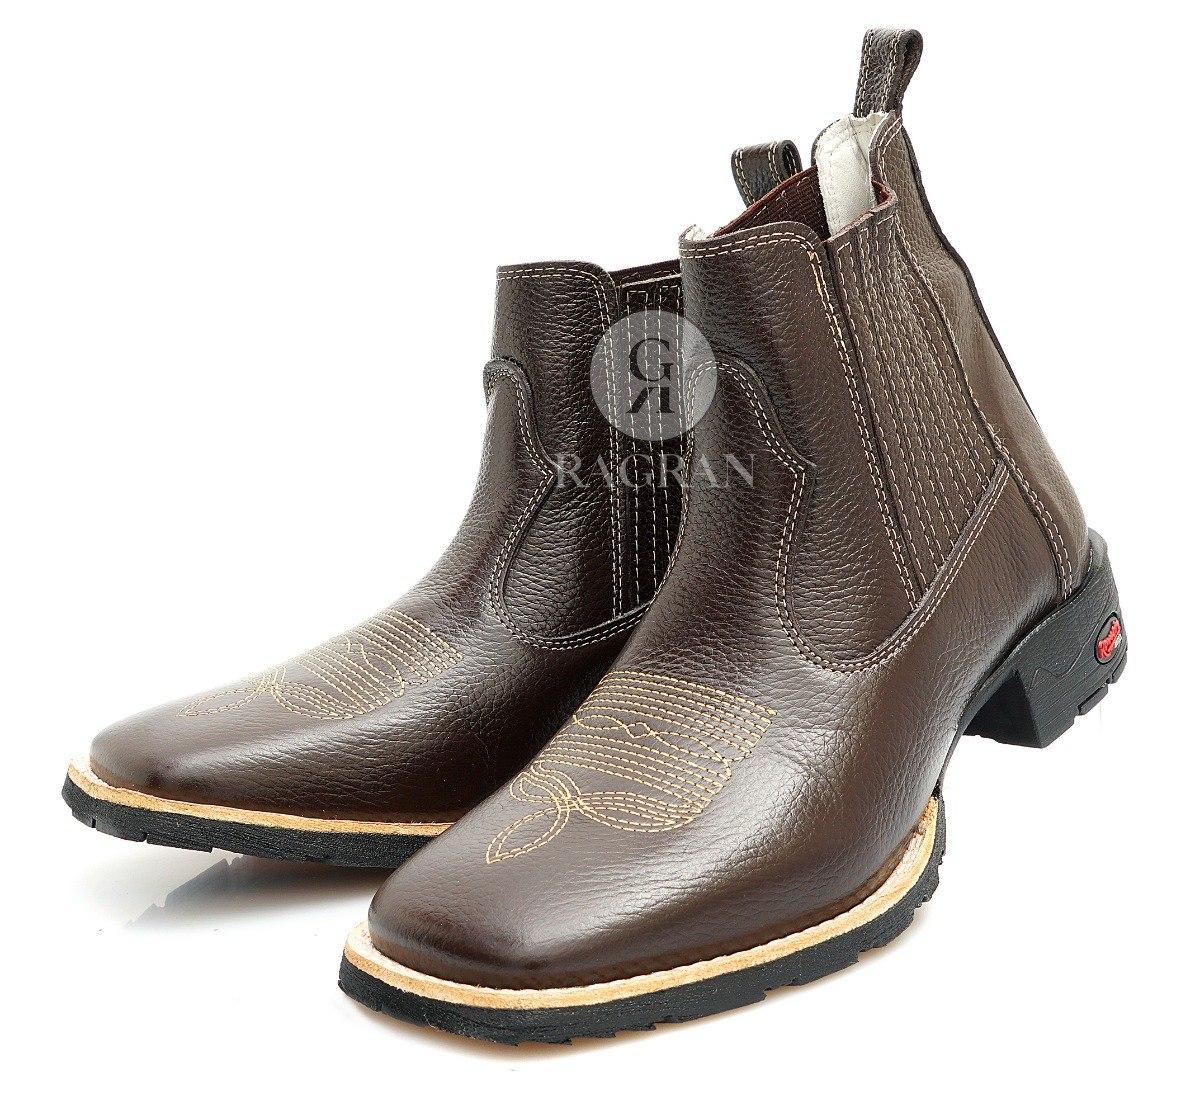 e3c6d69558 bota masculina country botina cano curto bico quadrado couro. Carregando  zoom.